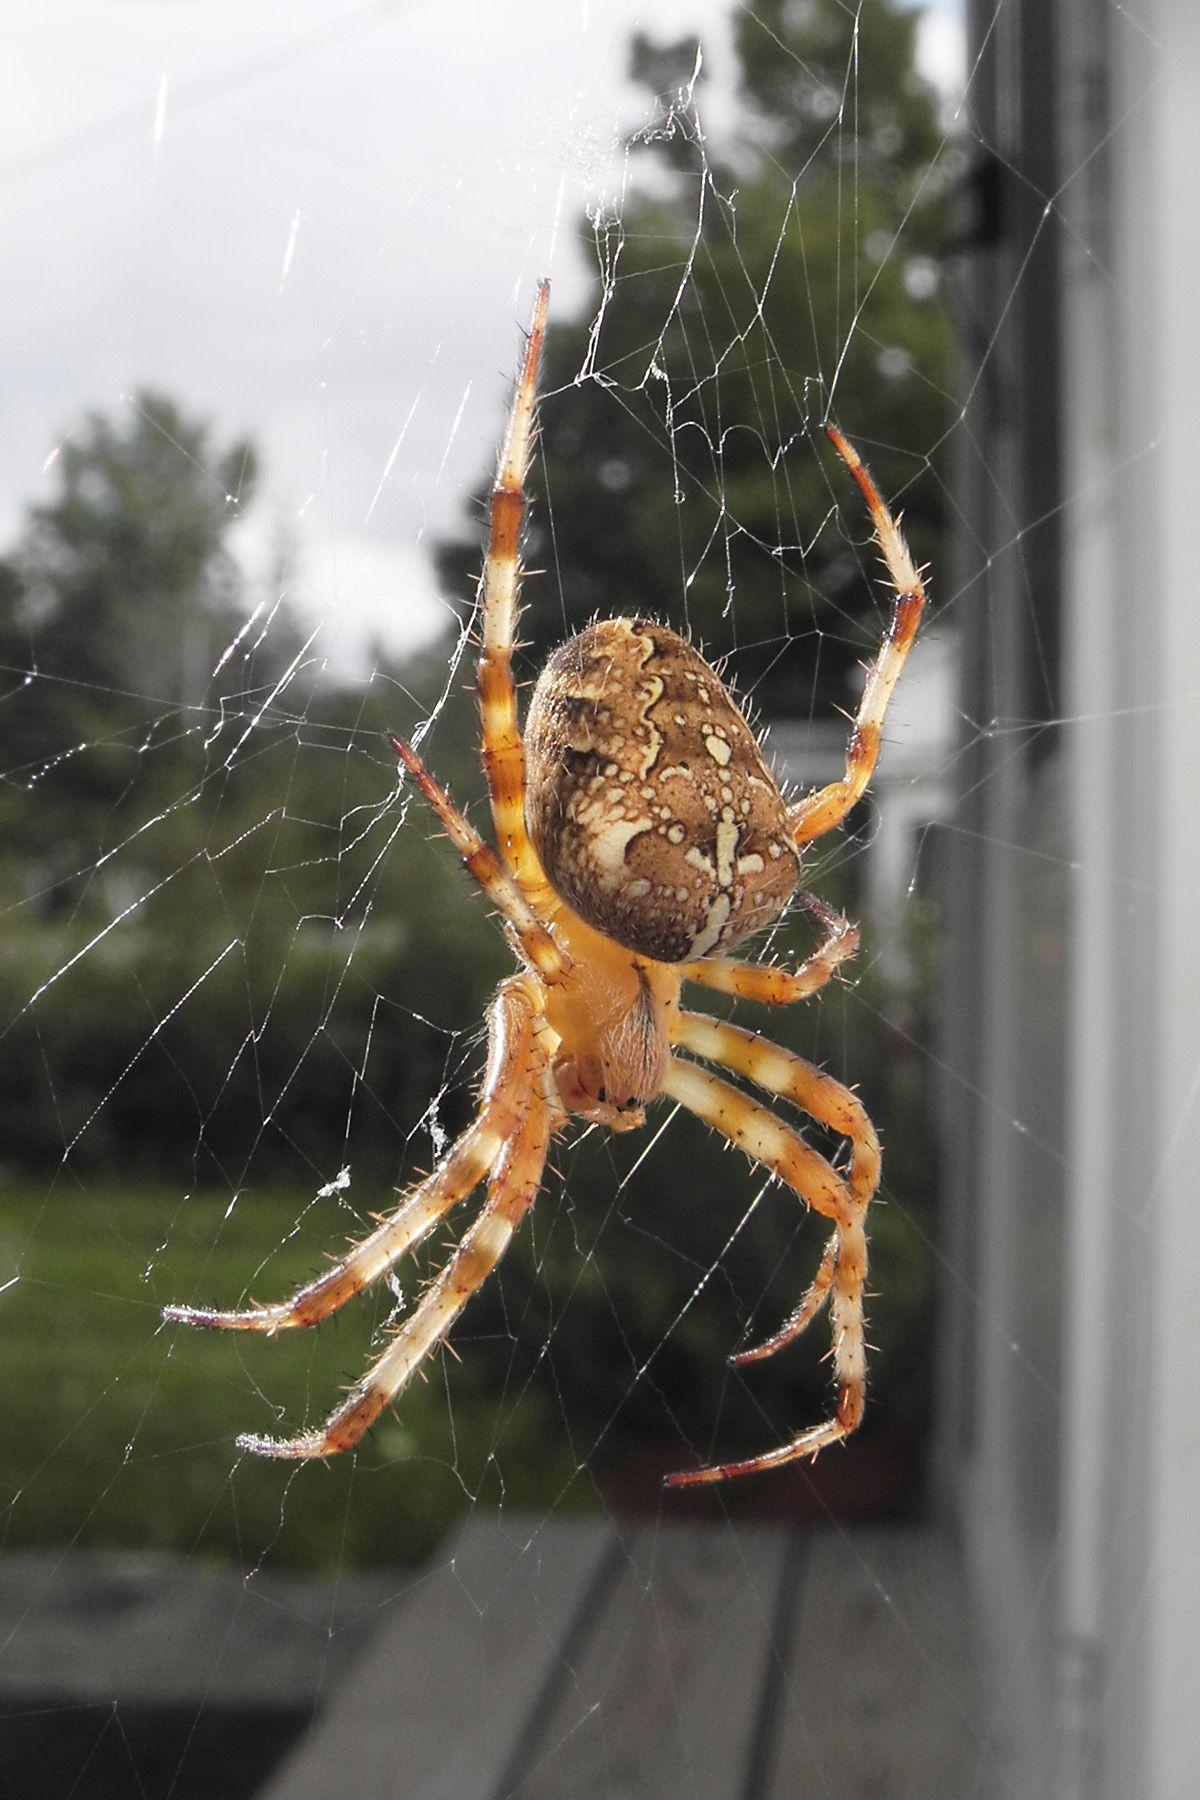 Garden Orb Weaving Spiders SPIDER CHART Venomous or Dangerous